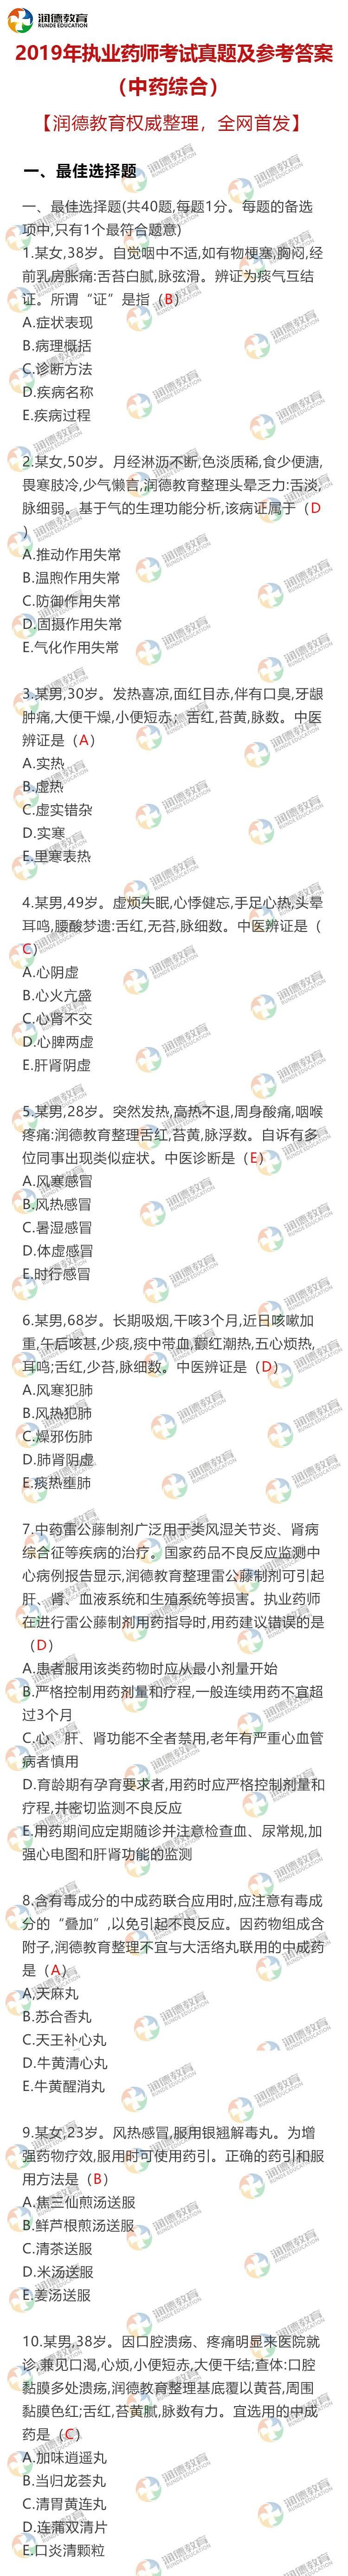 中药综合1-10.jpg